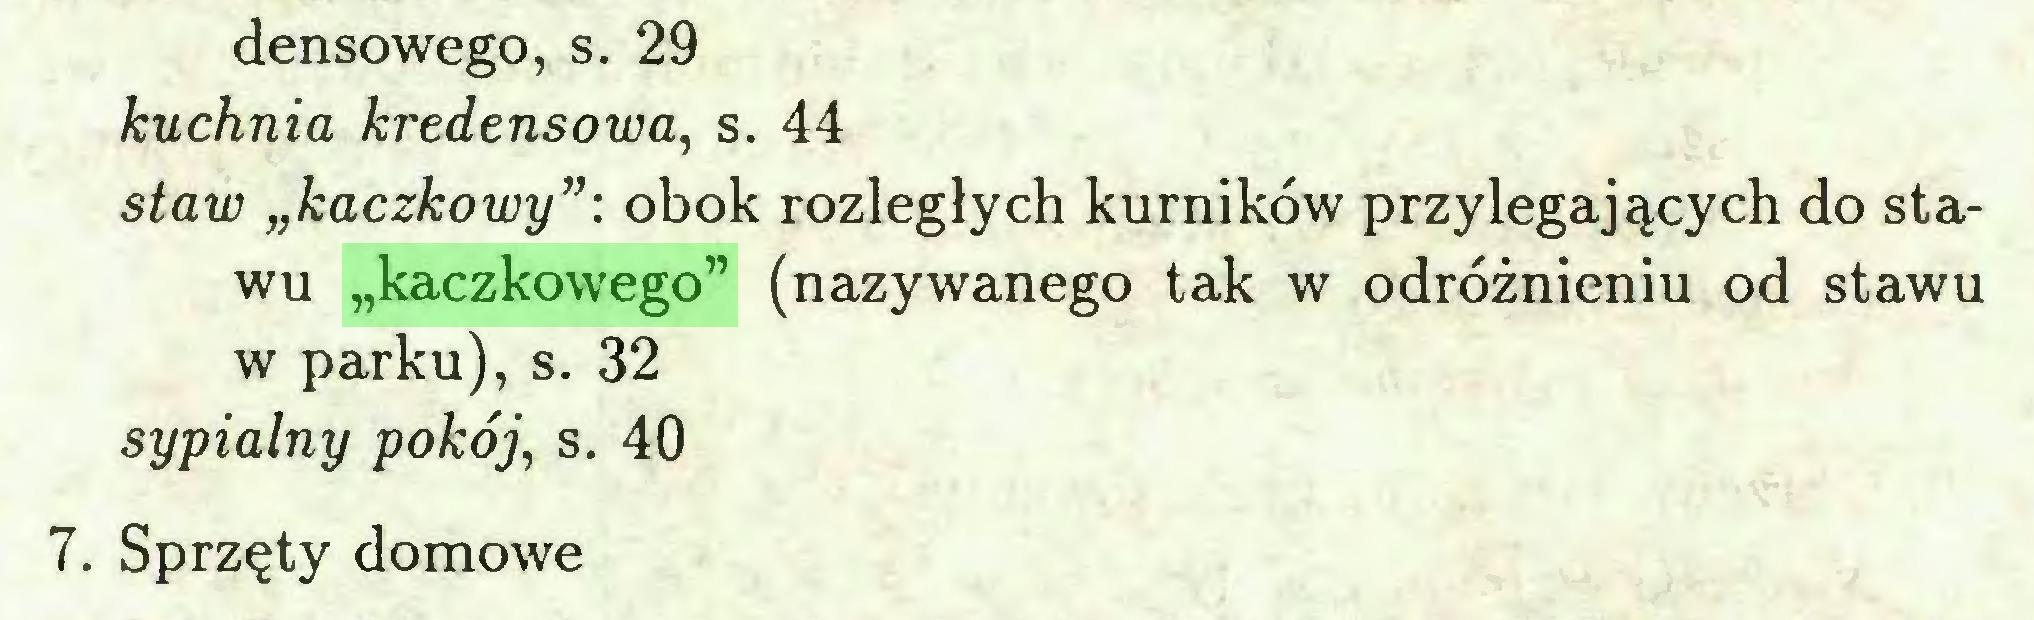 """(...) densowego, s. 29 kuchnia kredensowa, s. 44 staw """"kaczkowy"""": obok rozległych kurników przylegających do stawu """"kaczkowego"""" (nazywanego tak w odróżnieniu od stawu w parku), s. 32 sypialny pokój, s. 40 7. Sprzęty domowe..."""